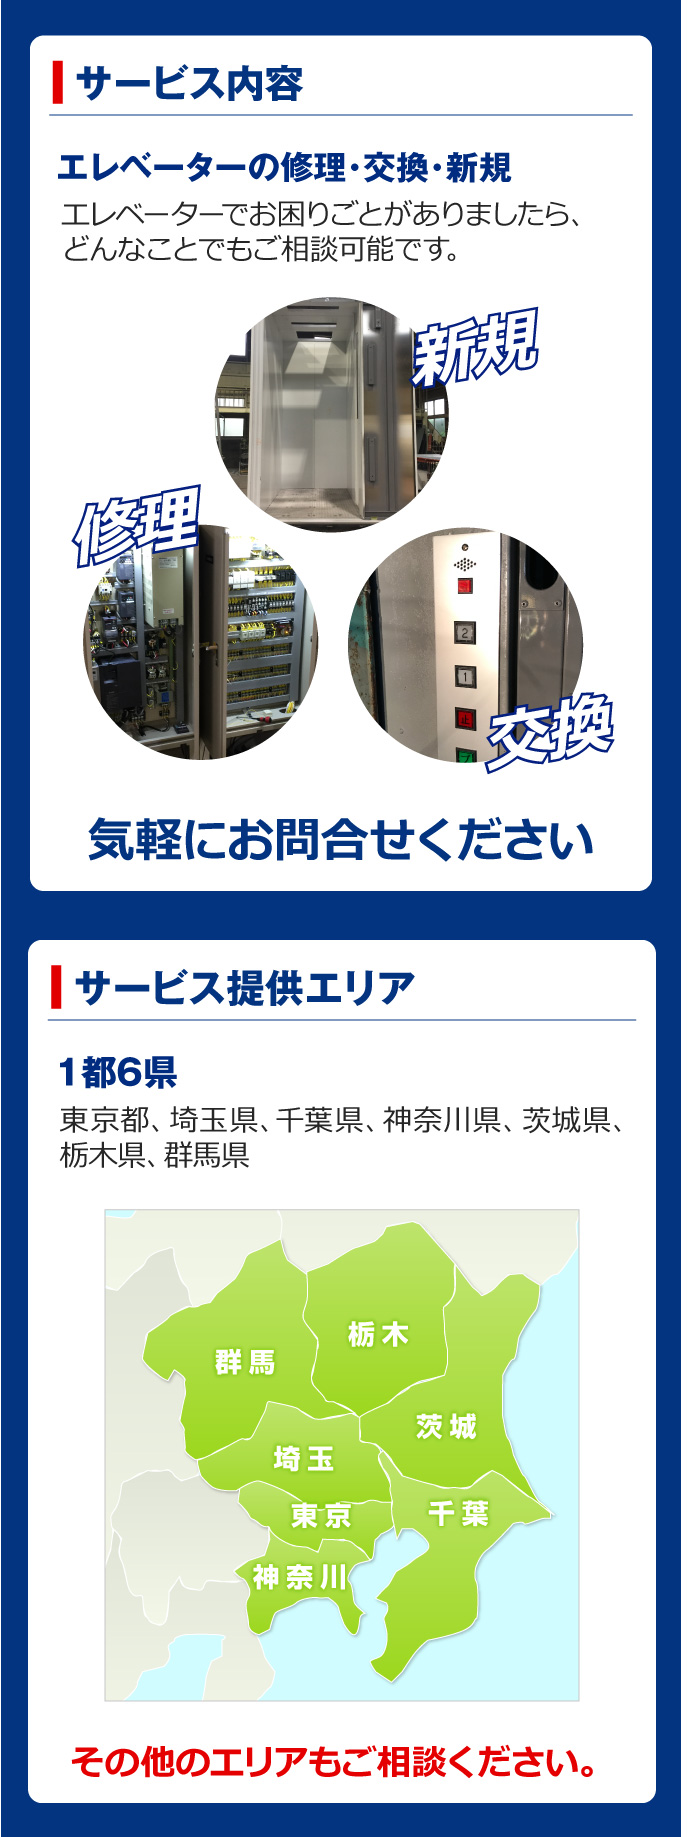 エレベーターの修理、リニューアル、新規設置などの料金について、まずはご相談下さい。